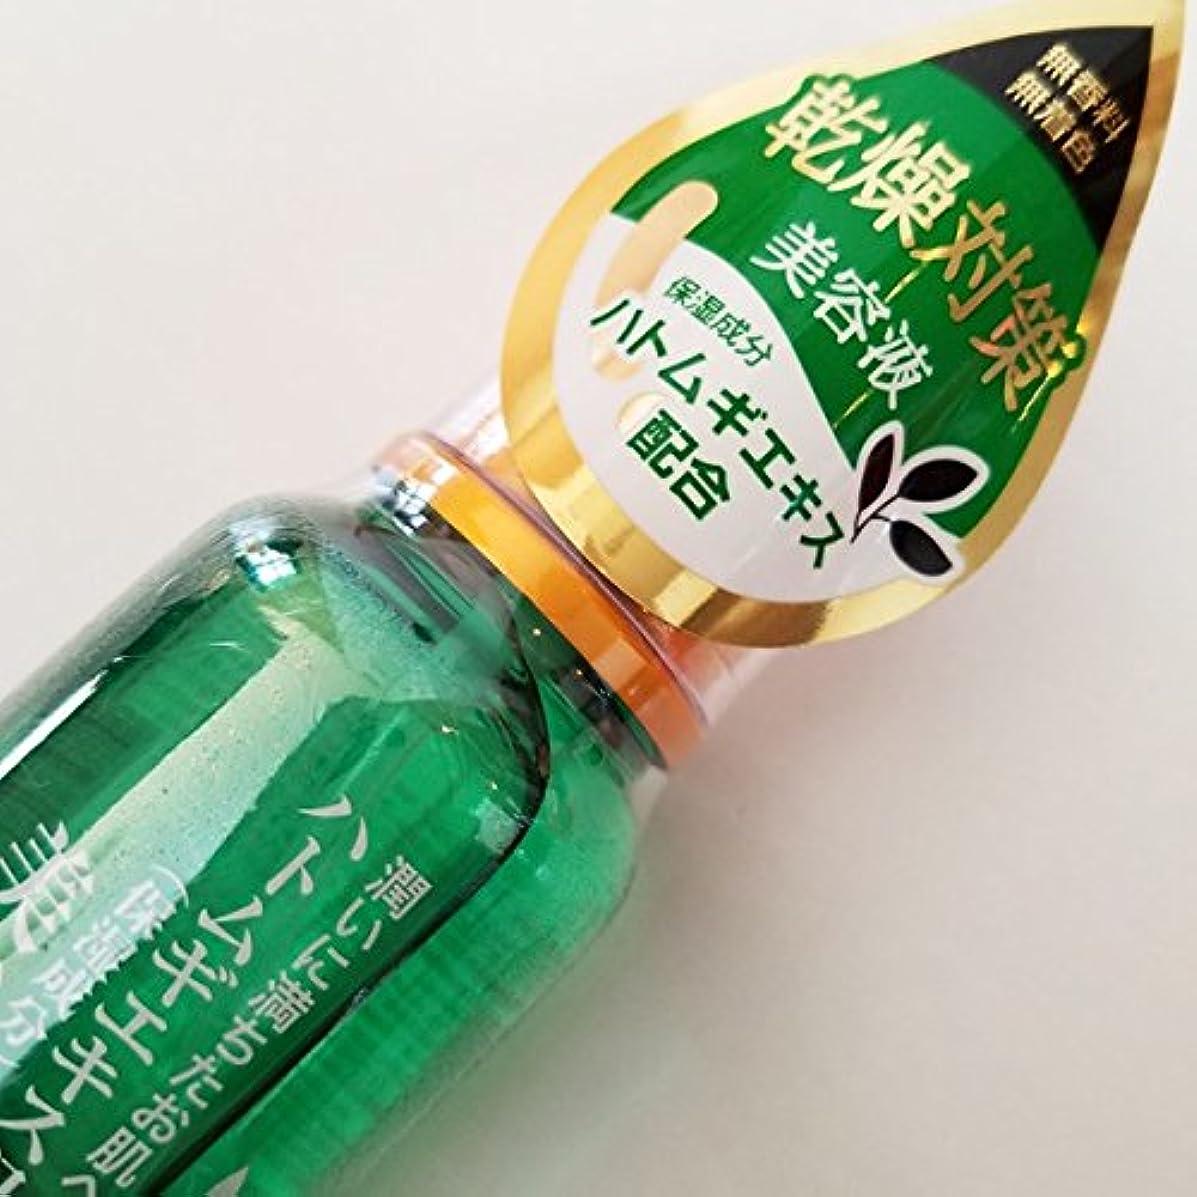 シネマ実現可能乳剤DAISO ハトムギ美容液